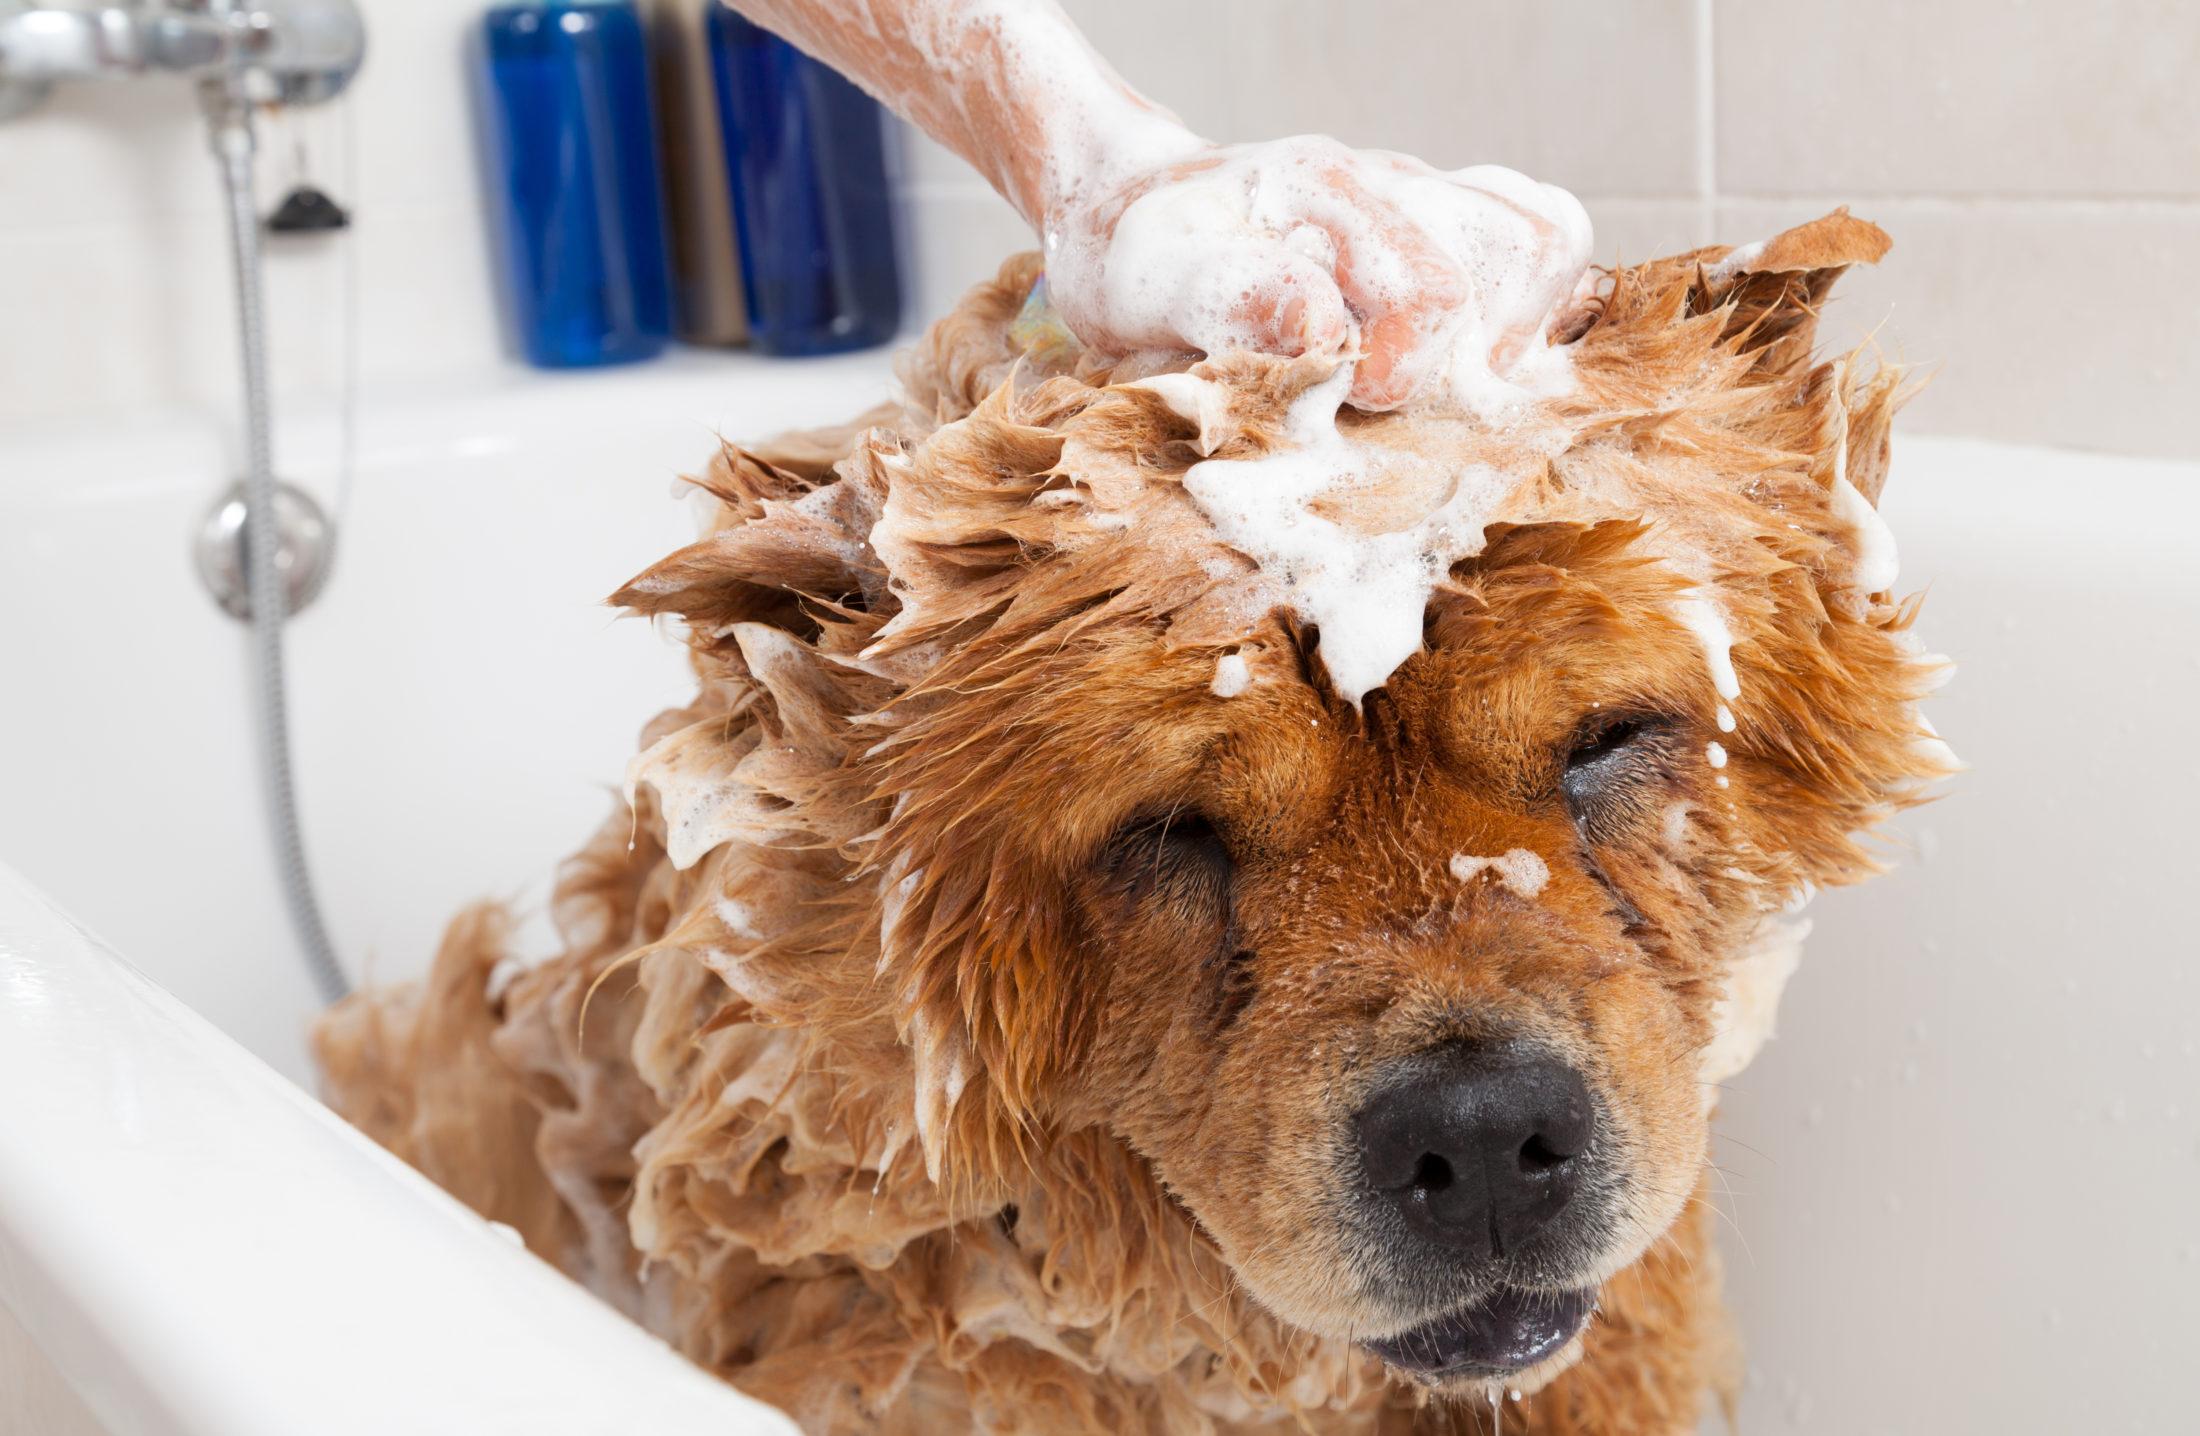 animal de estimação chow chow tomando banho em casa na banheira